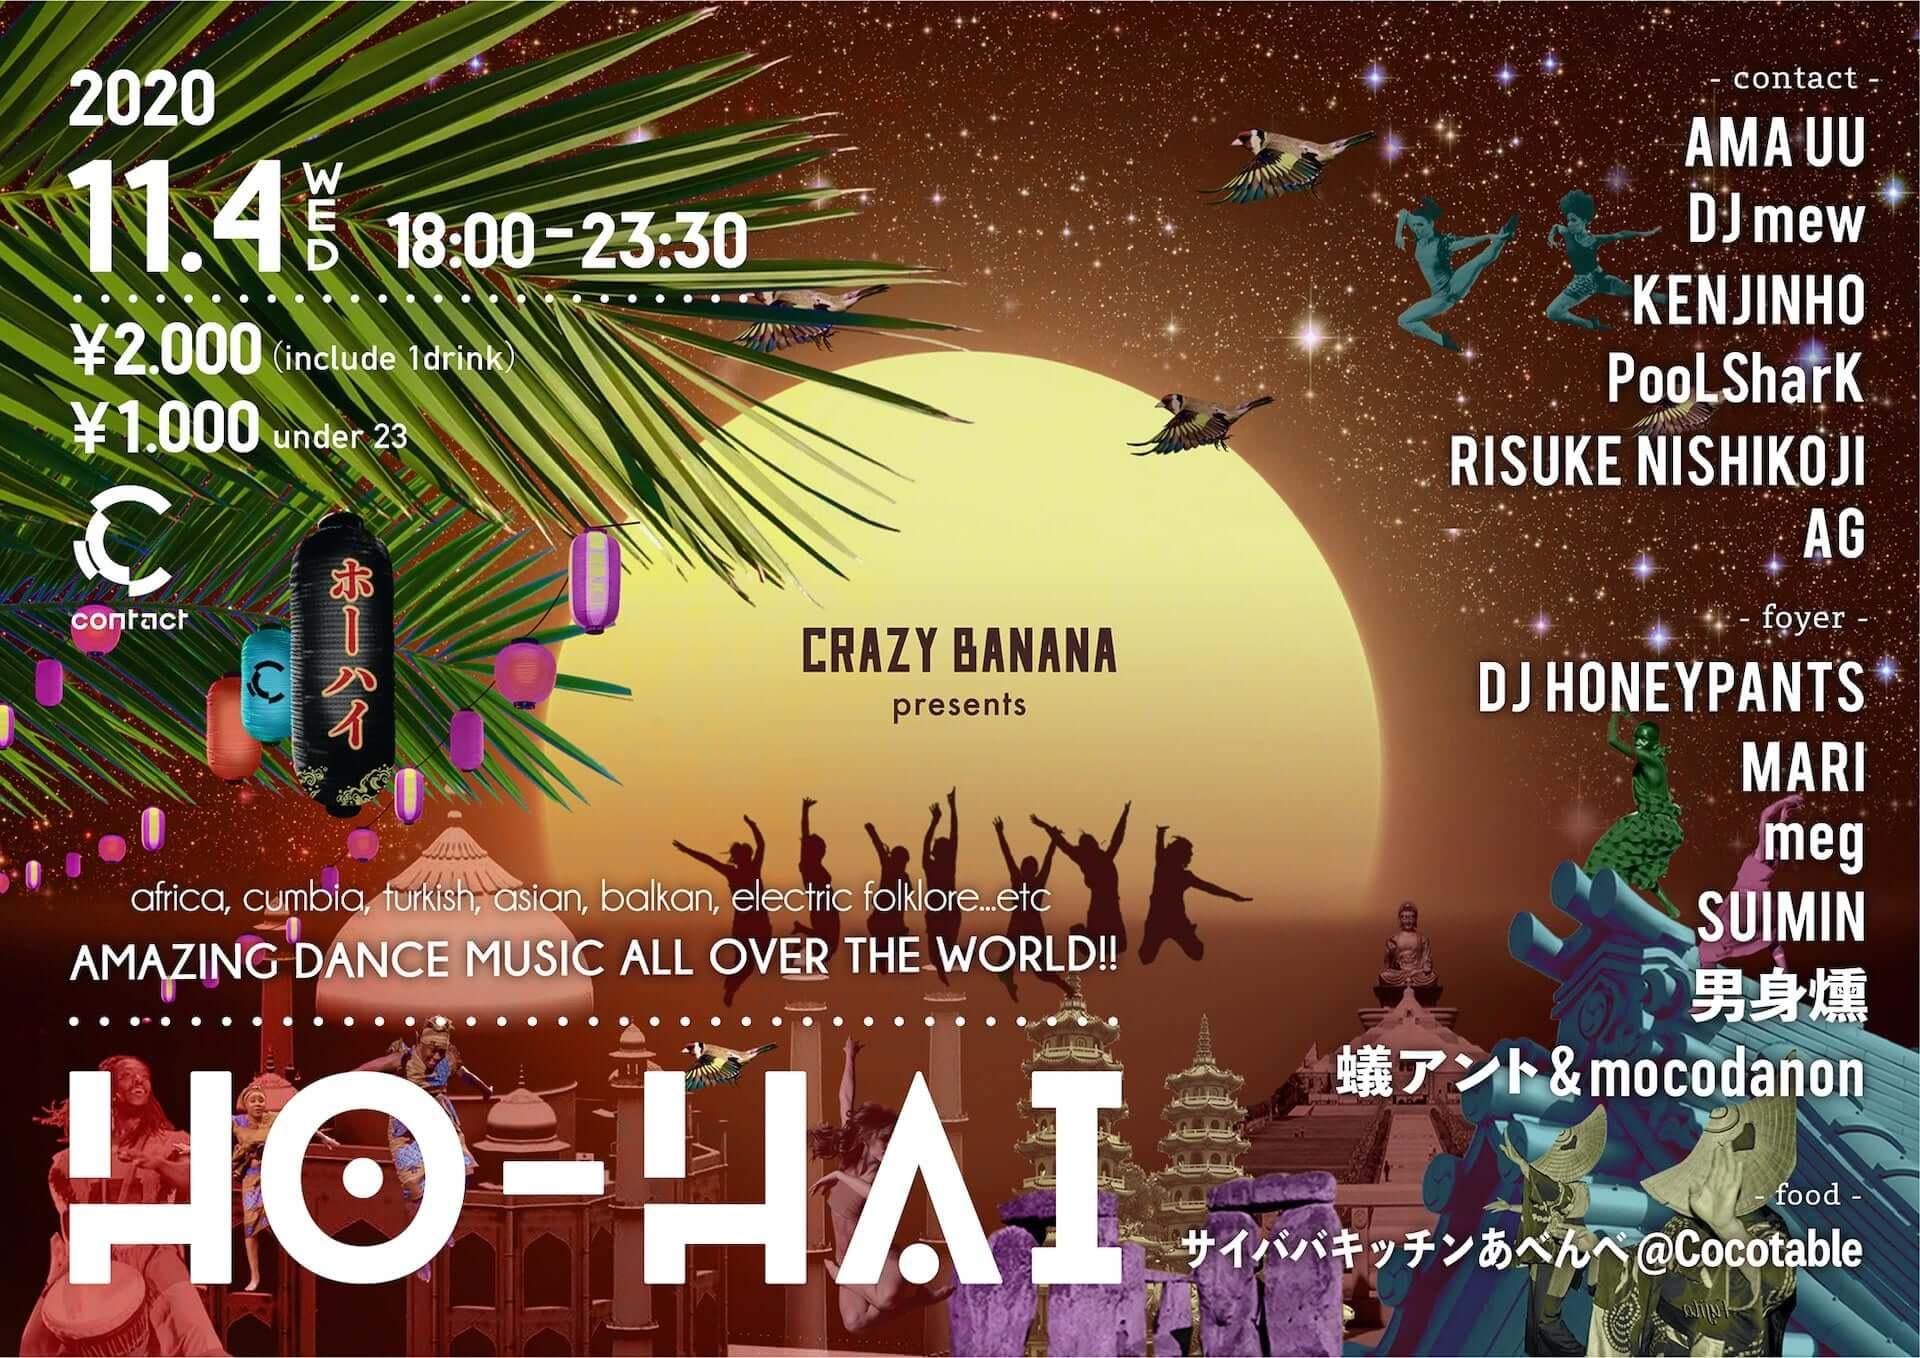 渋谷Contactで世界各地の音楽を堪能しよう!民謡クルセイダーズ・meg、suimin、Kenjinhoら出演のデイイベント<HO-HAI>が開催決定 music201008_ho-hai_1-1920x1358